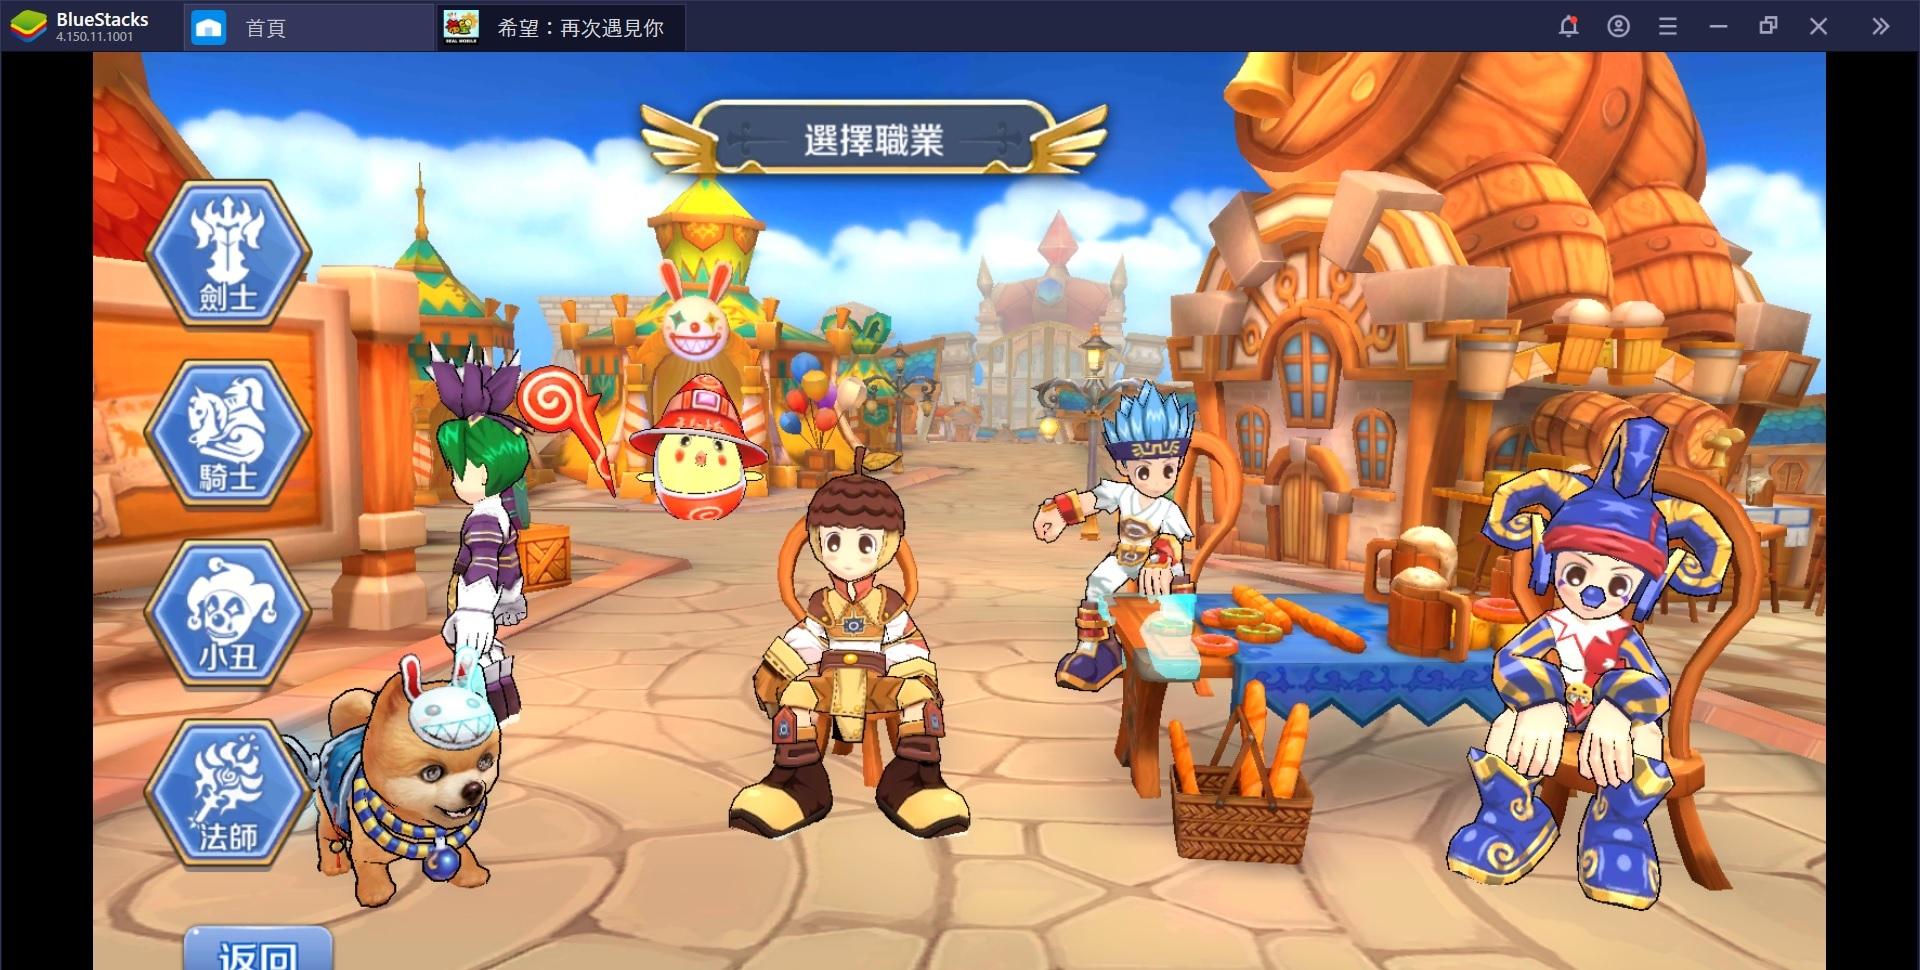 使用BlueStacks在電腦上體驗3D视角卡通冒險RPG手游 希望:再次遇見你